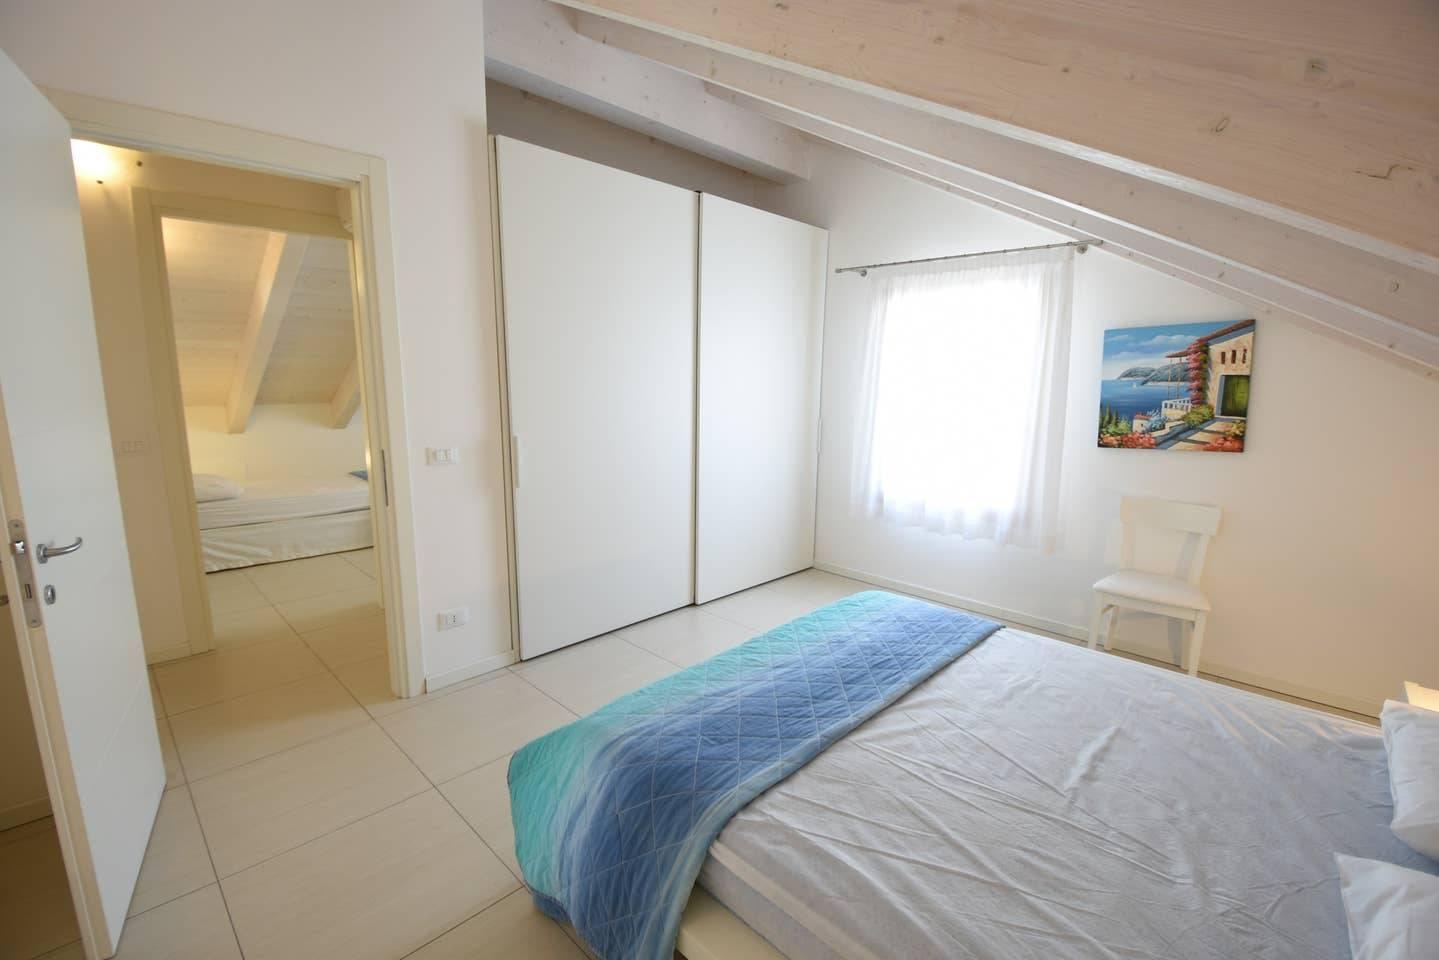 vedita-camera-ulivi-residence-jesolo-1863659309